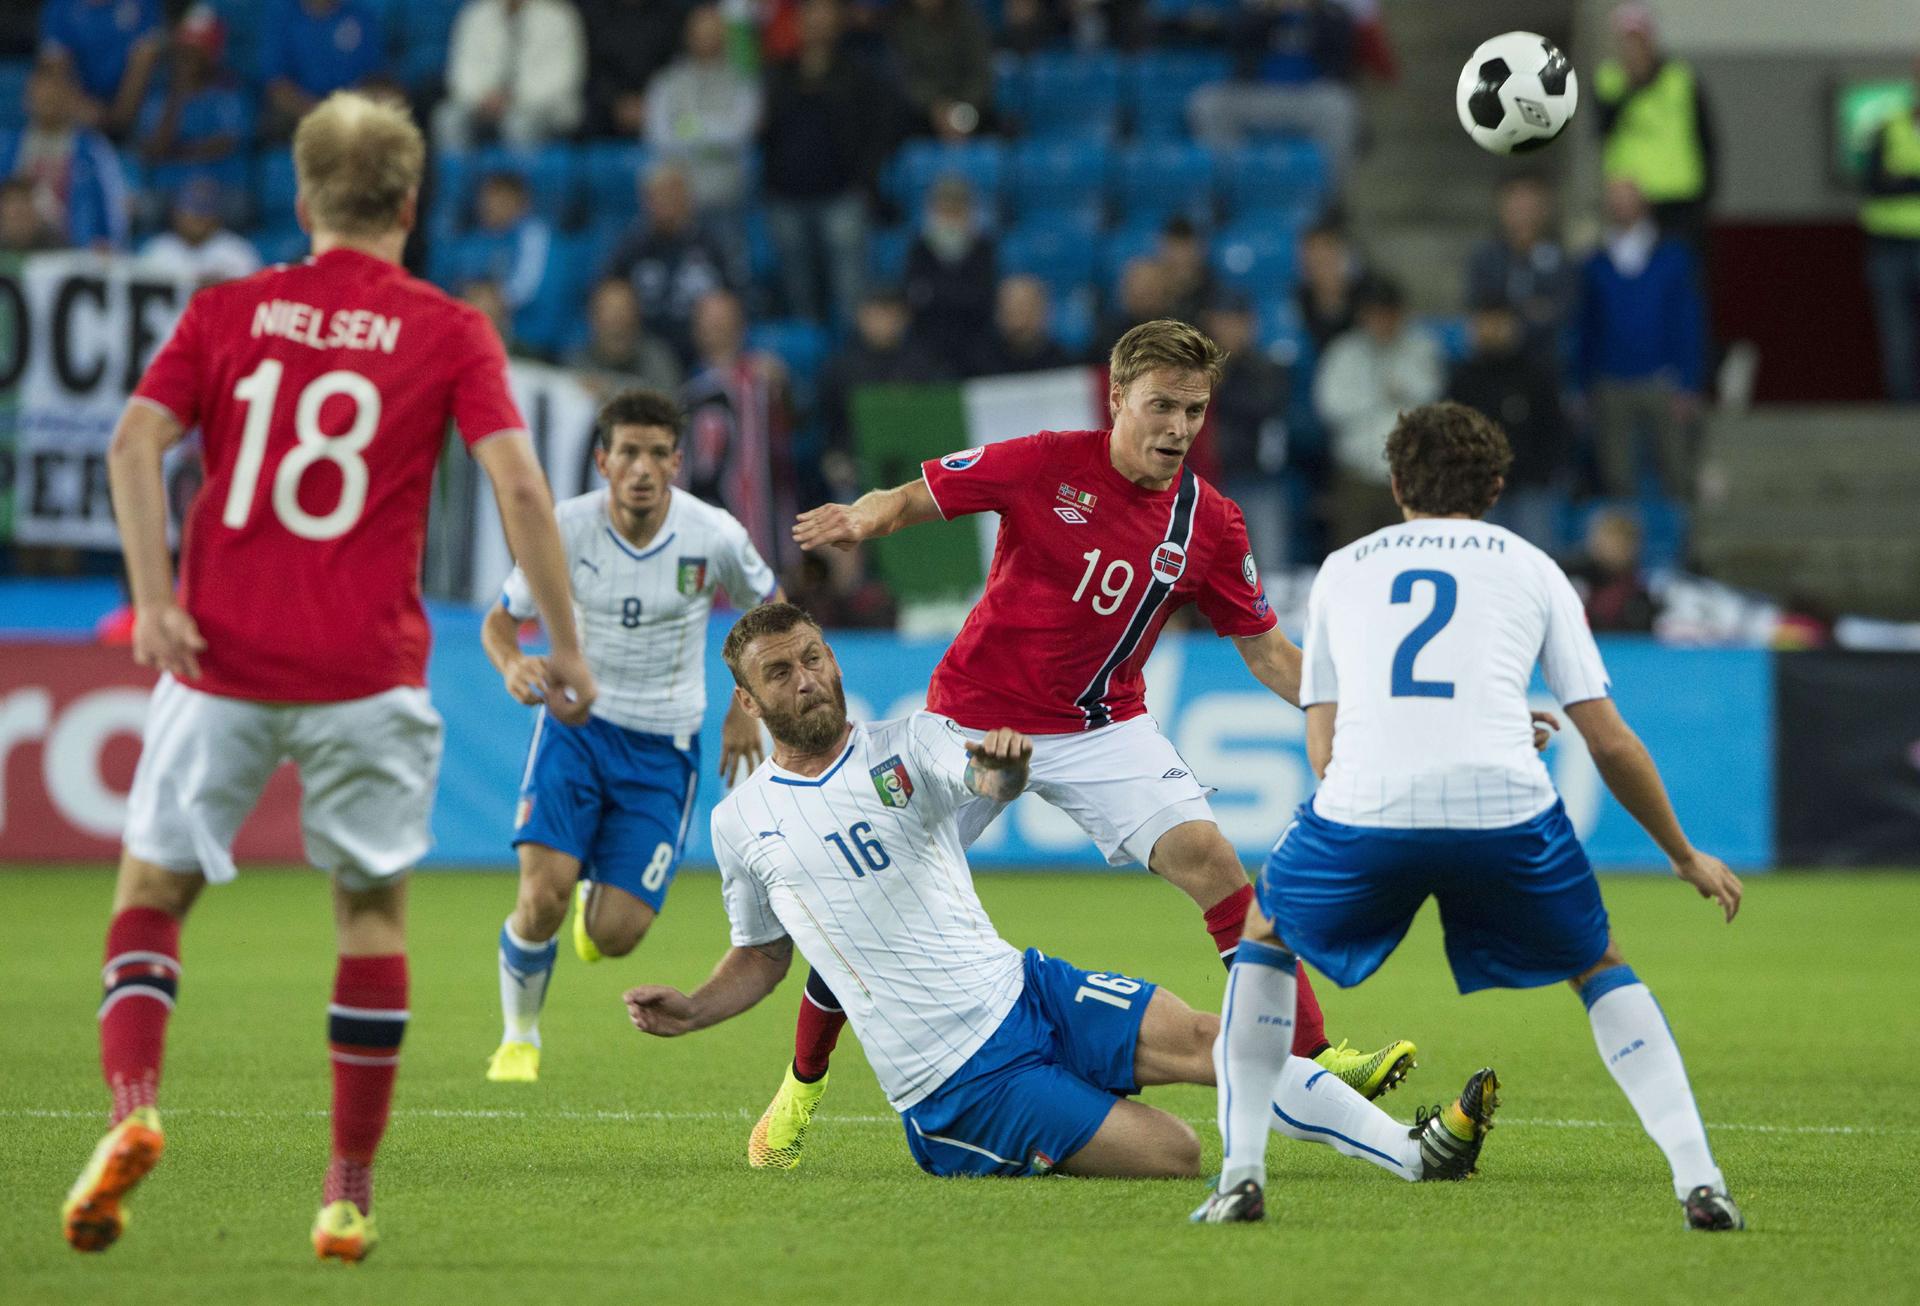 """Il calcio in Norvegia dagli anni '90 a oggi, Lindqvist: """"Ora siamo più tecnici, Odegaard un grande talento ma…"""""""